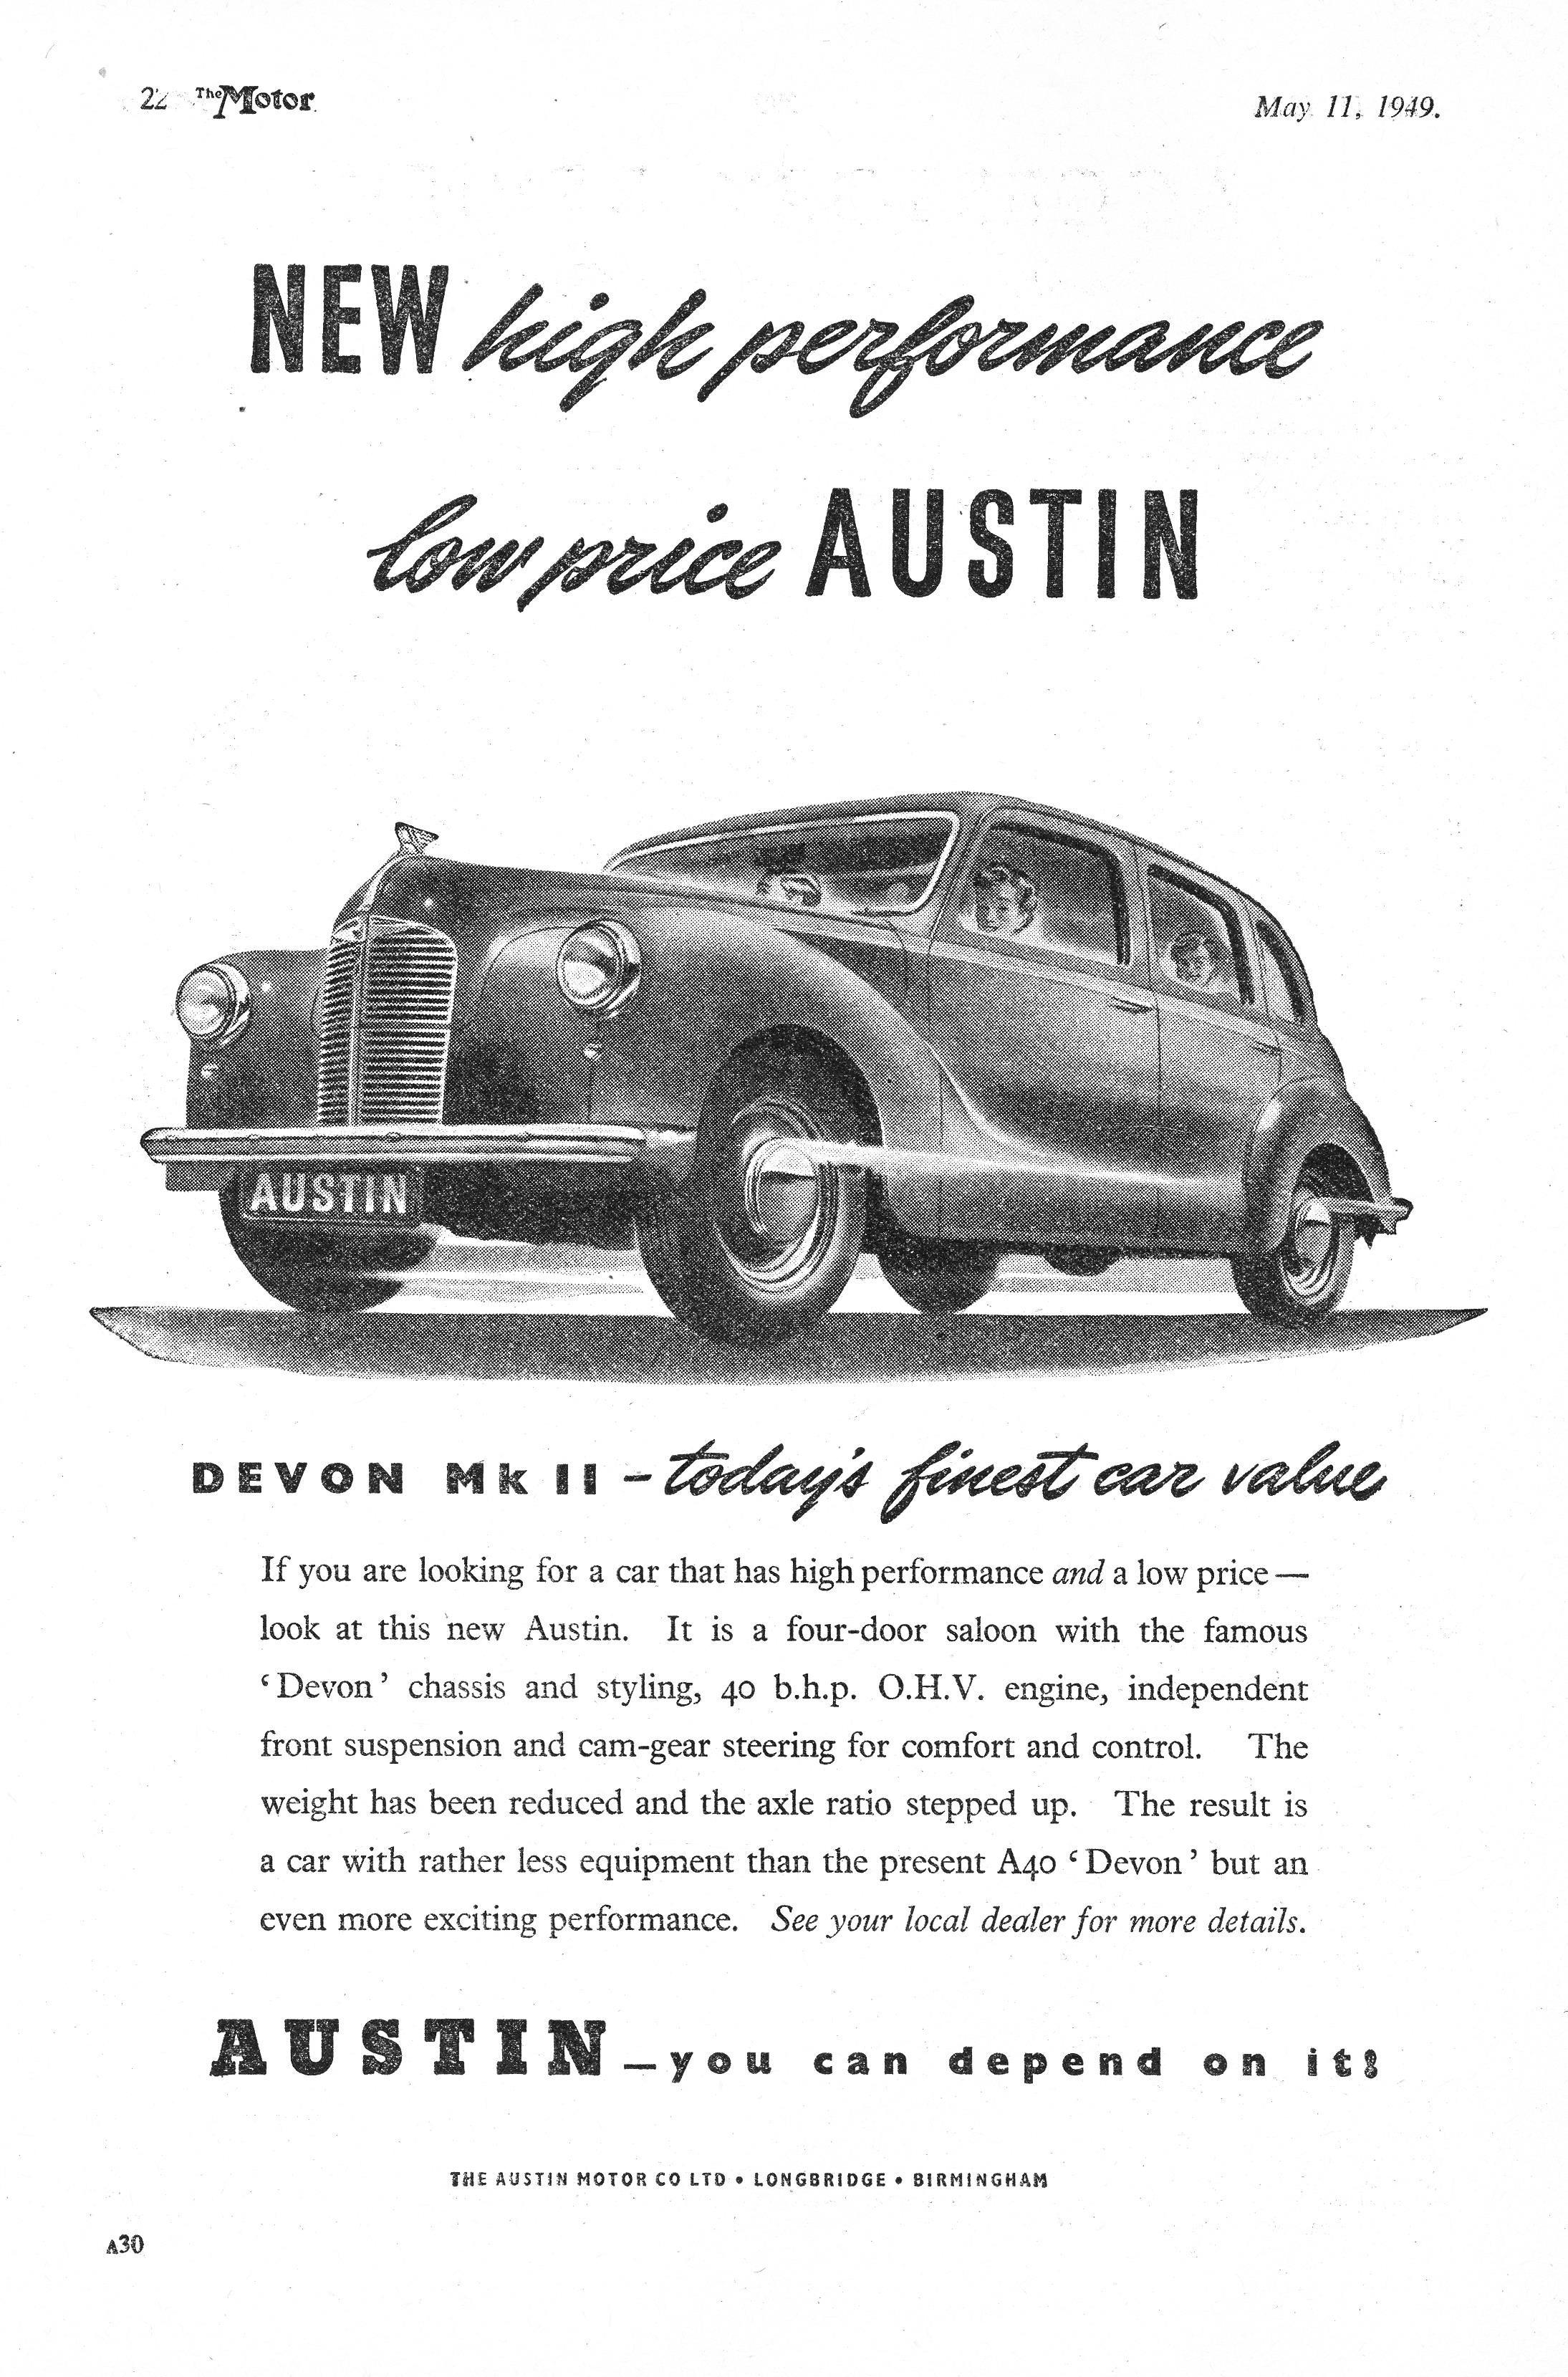 Austin Car Autocar Advert